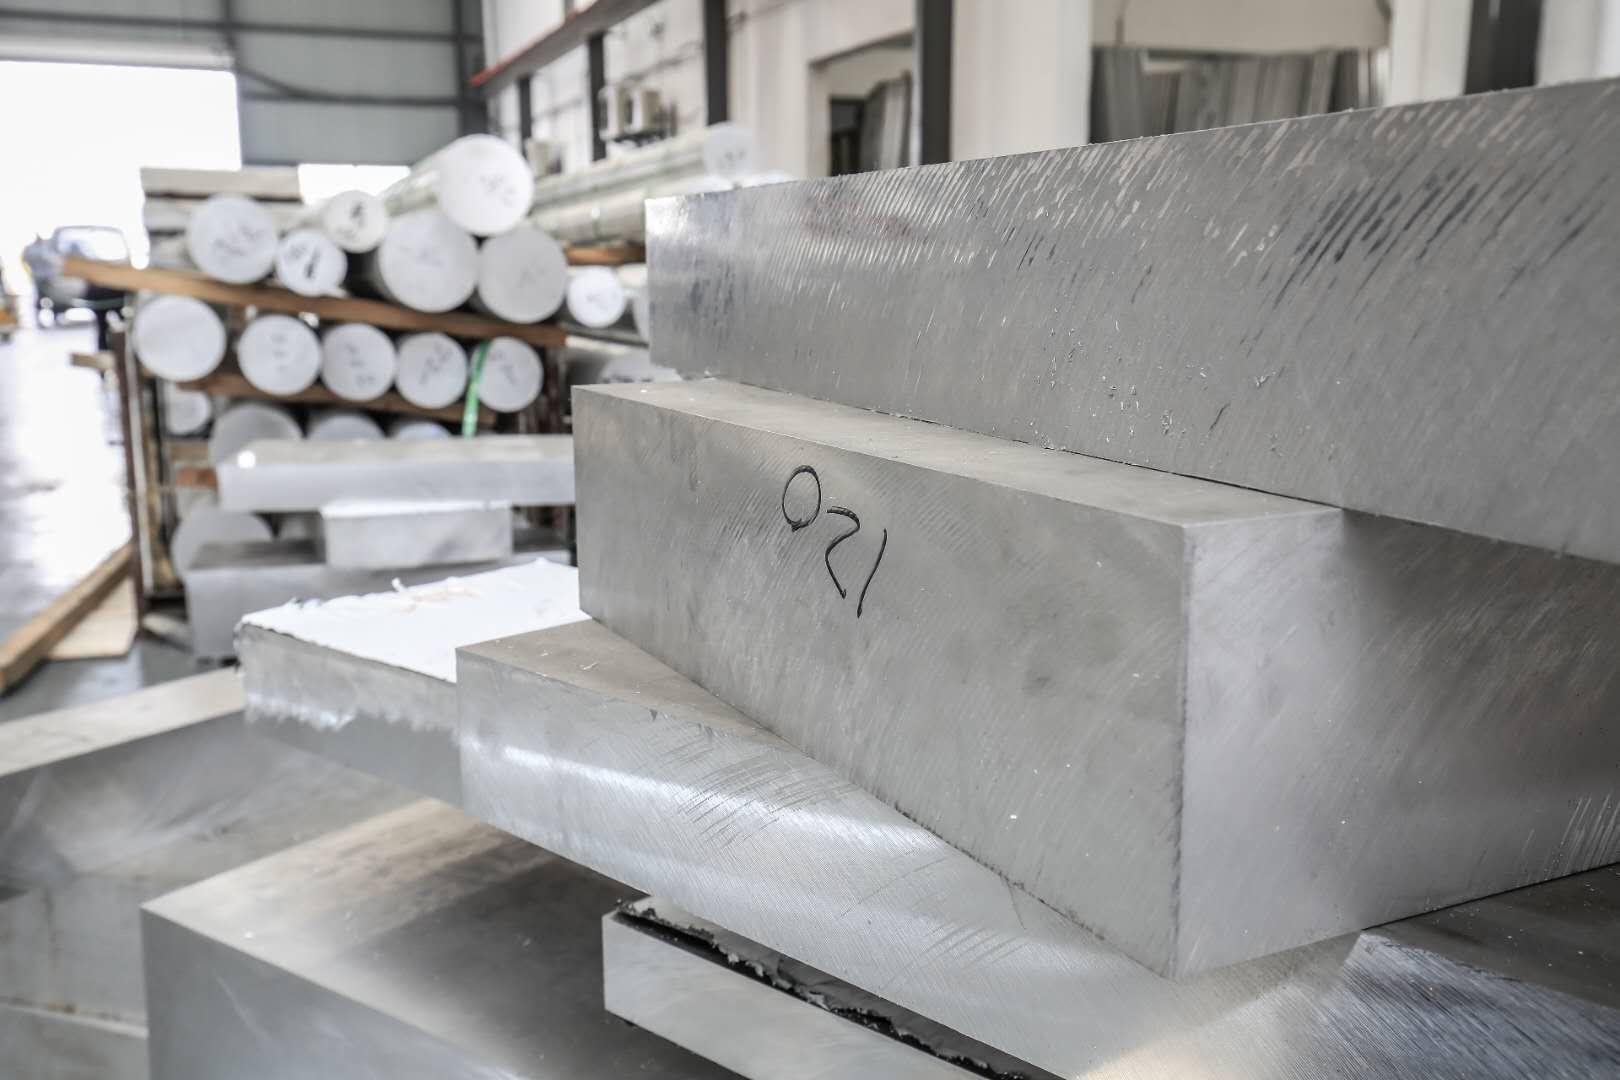 进口7075航空铝板 超硬铝棒全国发货,7075航空铝板 超硬铝棒